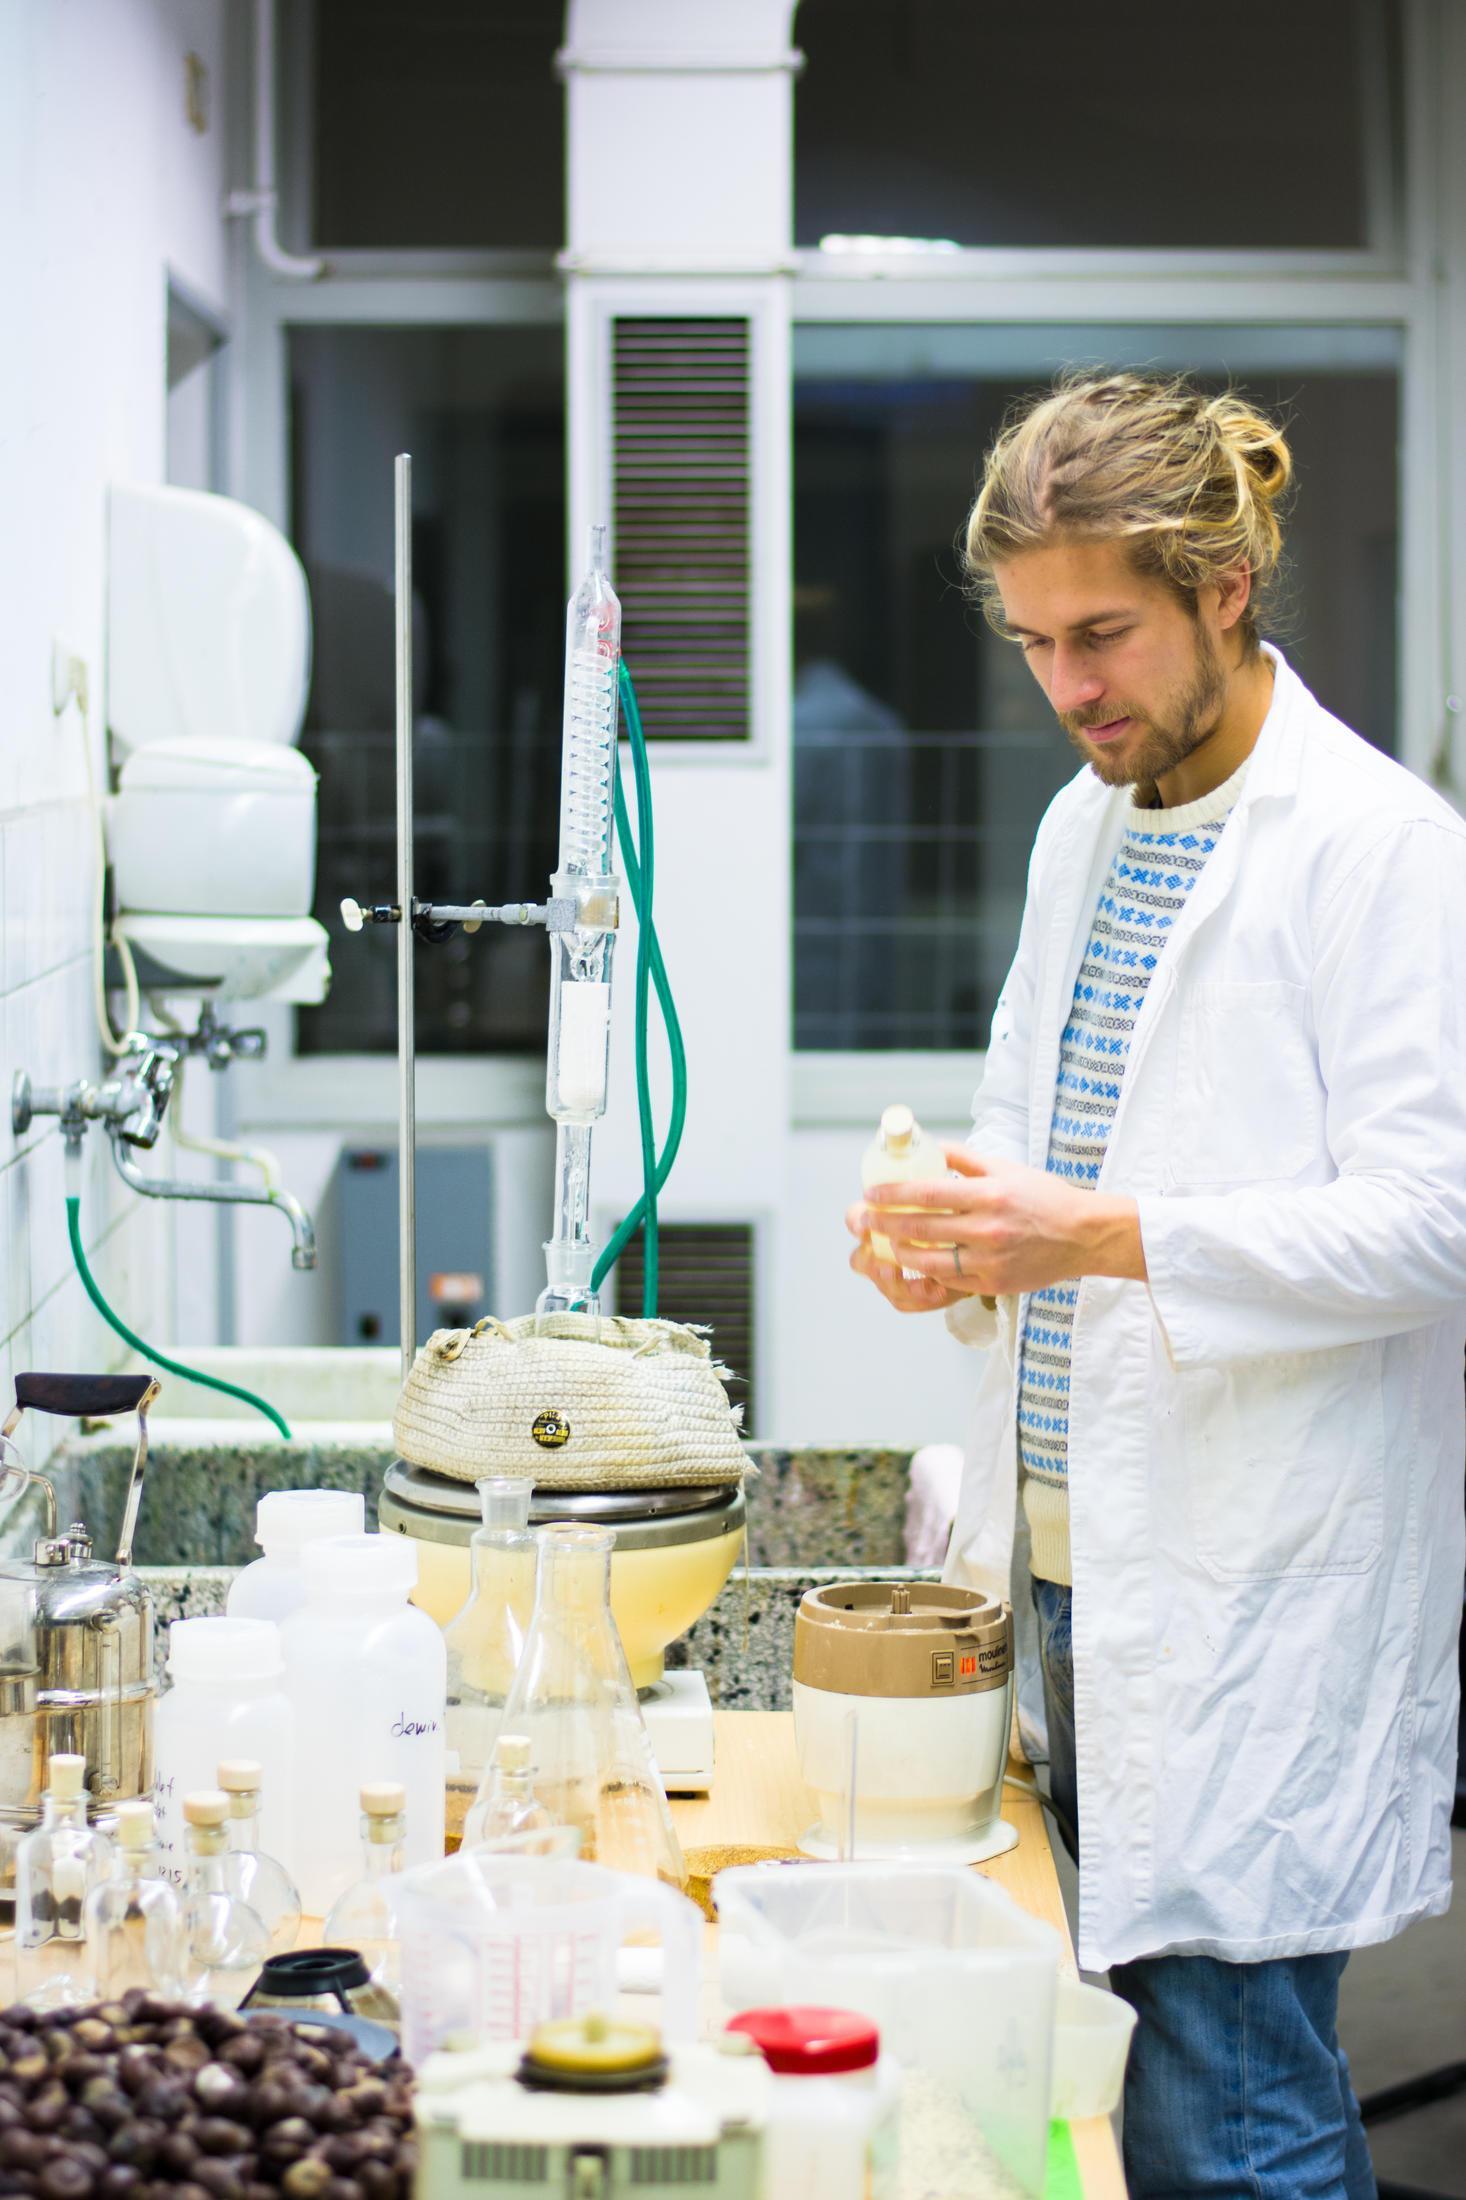 [MAKAKO] – Umweltverträgliches Waschmittel aus Kastanien